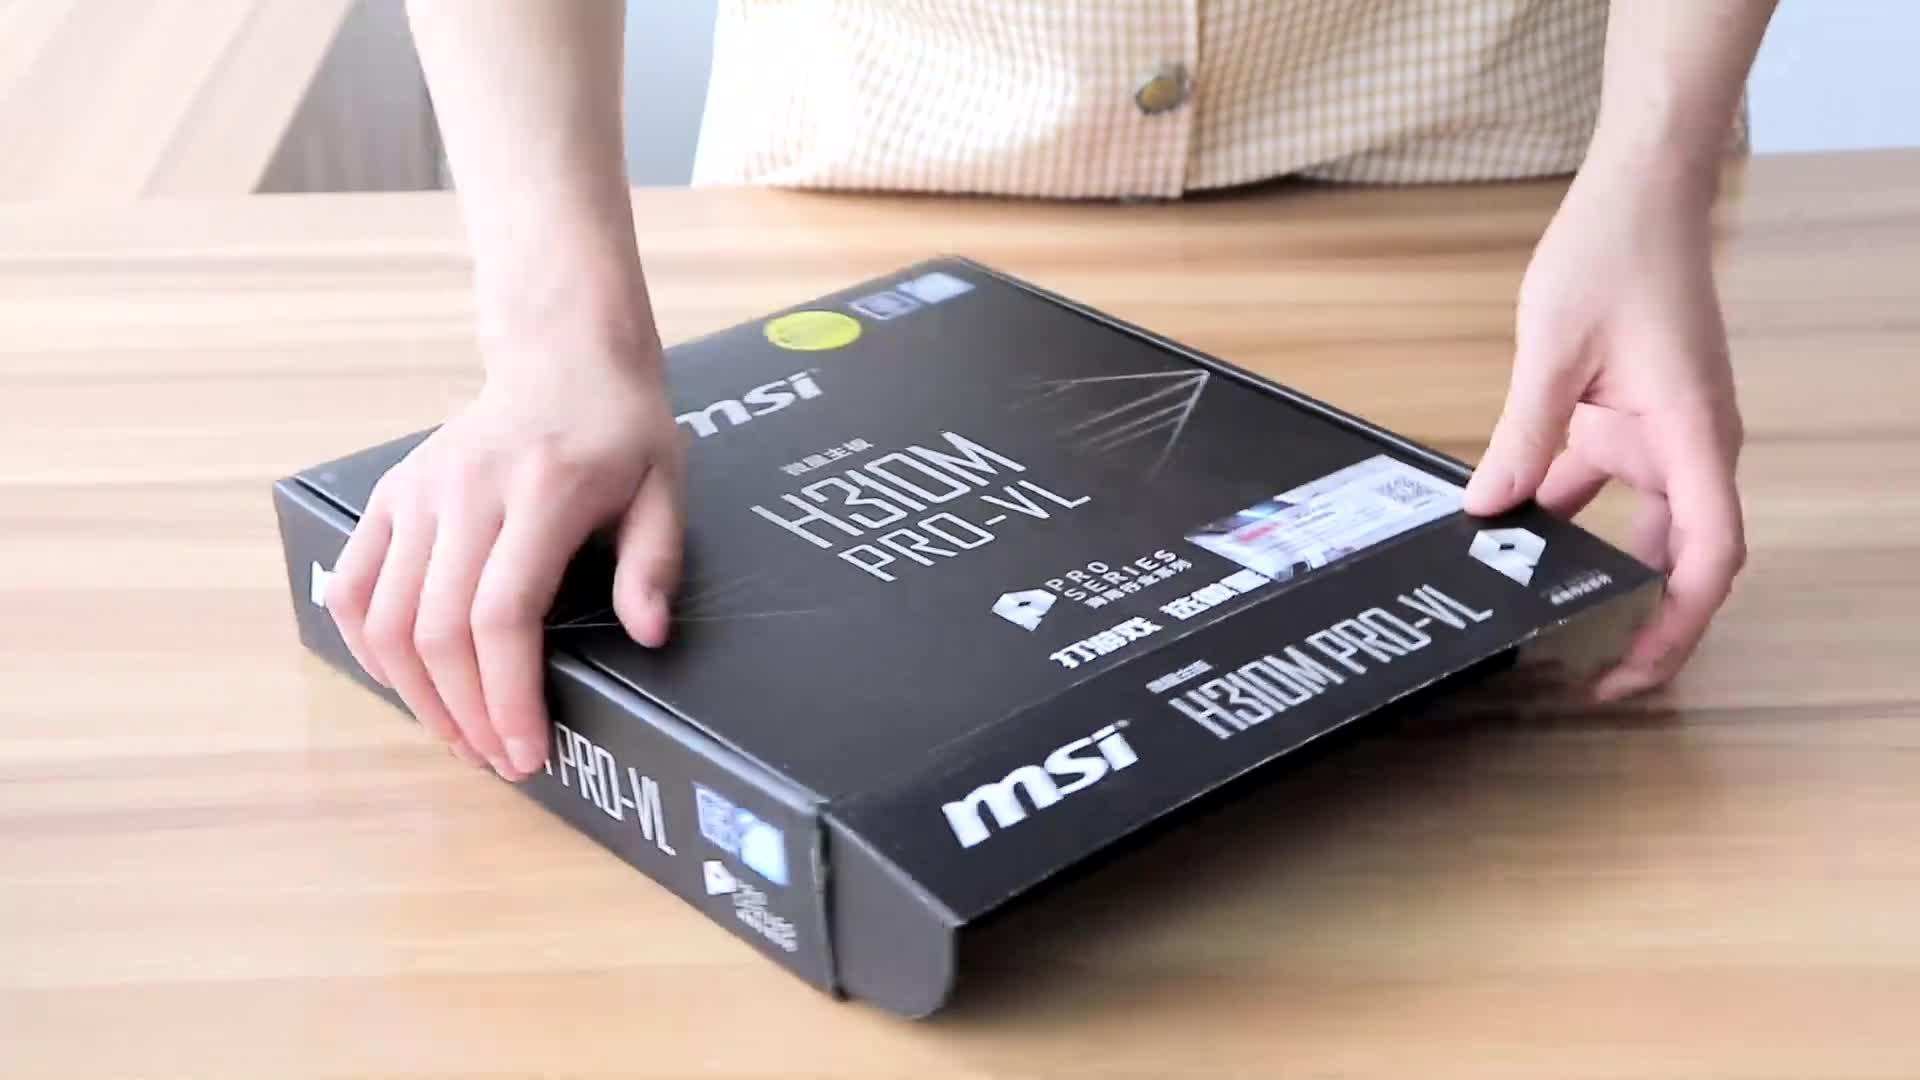 कस्टम डिजाइन लोगो नालीदार कागज मुद्रित Macarons रंग पैकिंग शिपिंग मेलर बॉक्स